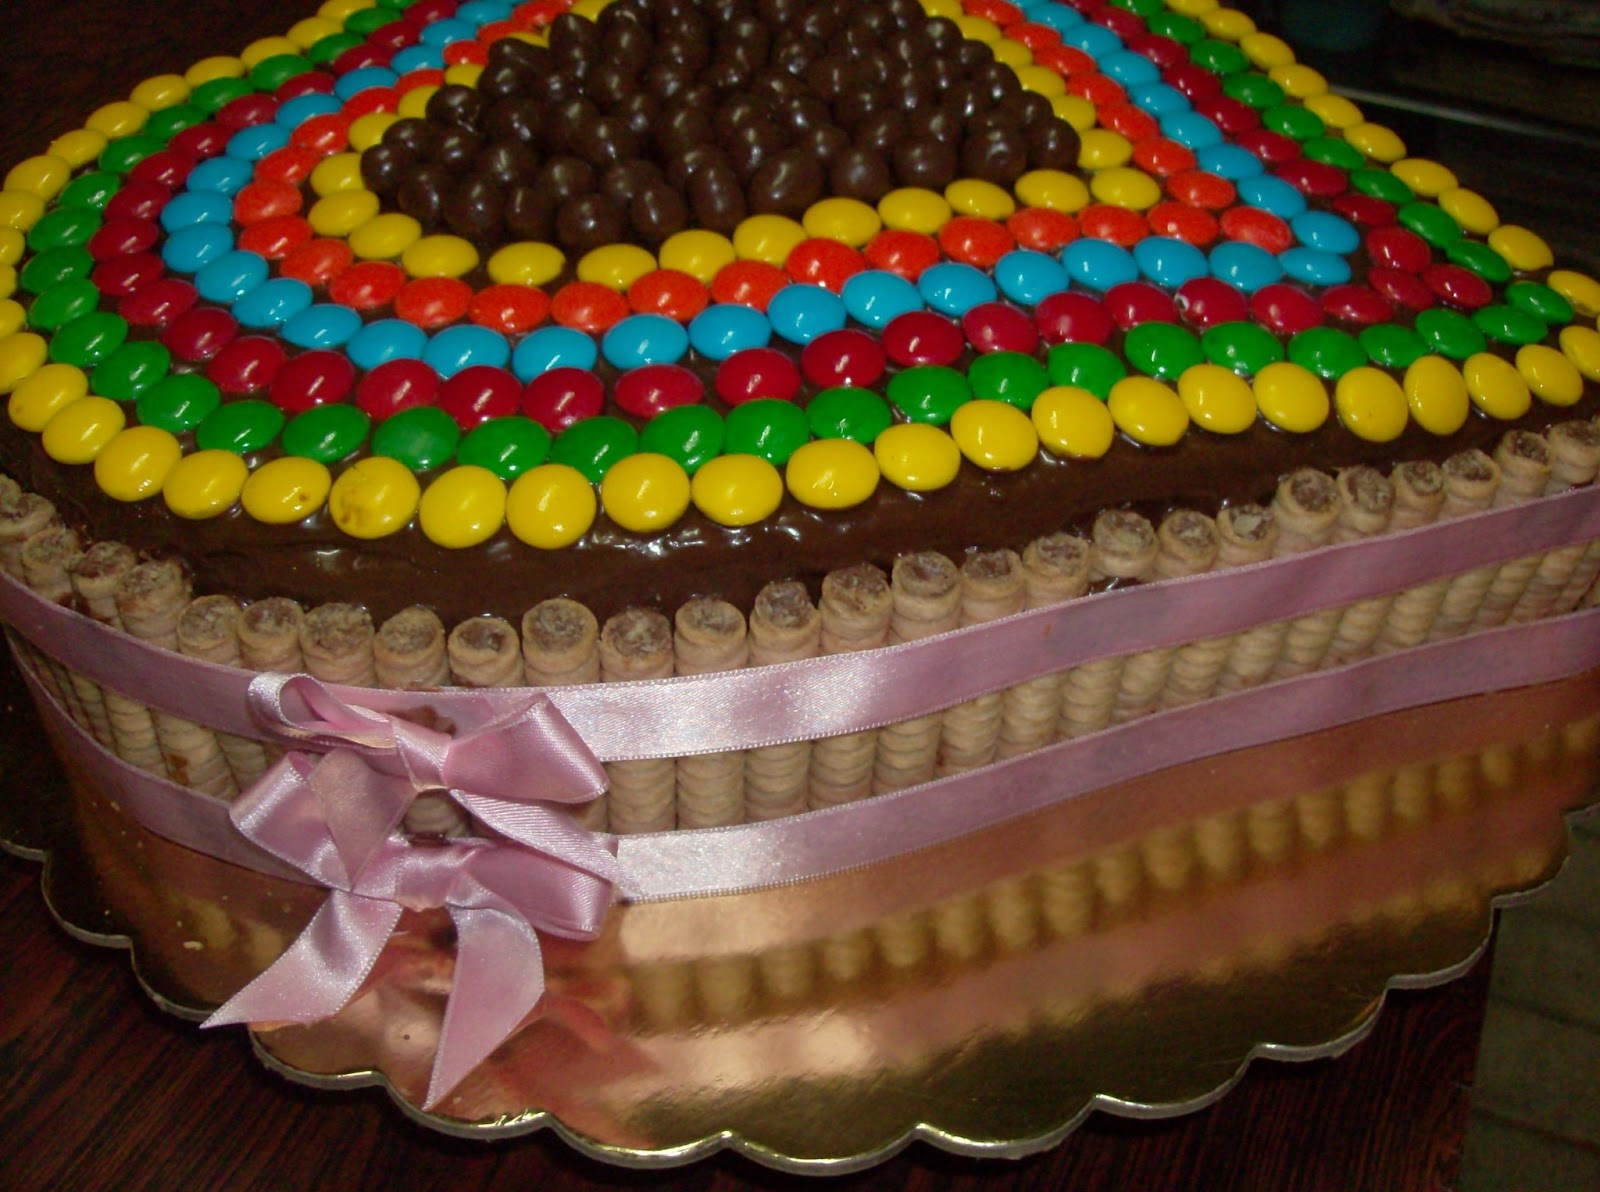 Tortas Decoradas con Pirulin Recetas - Recetario de Cocina